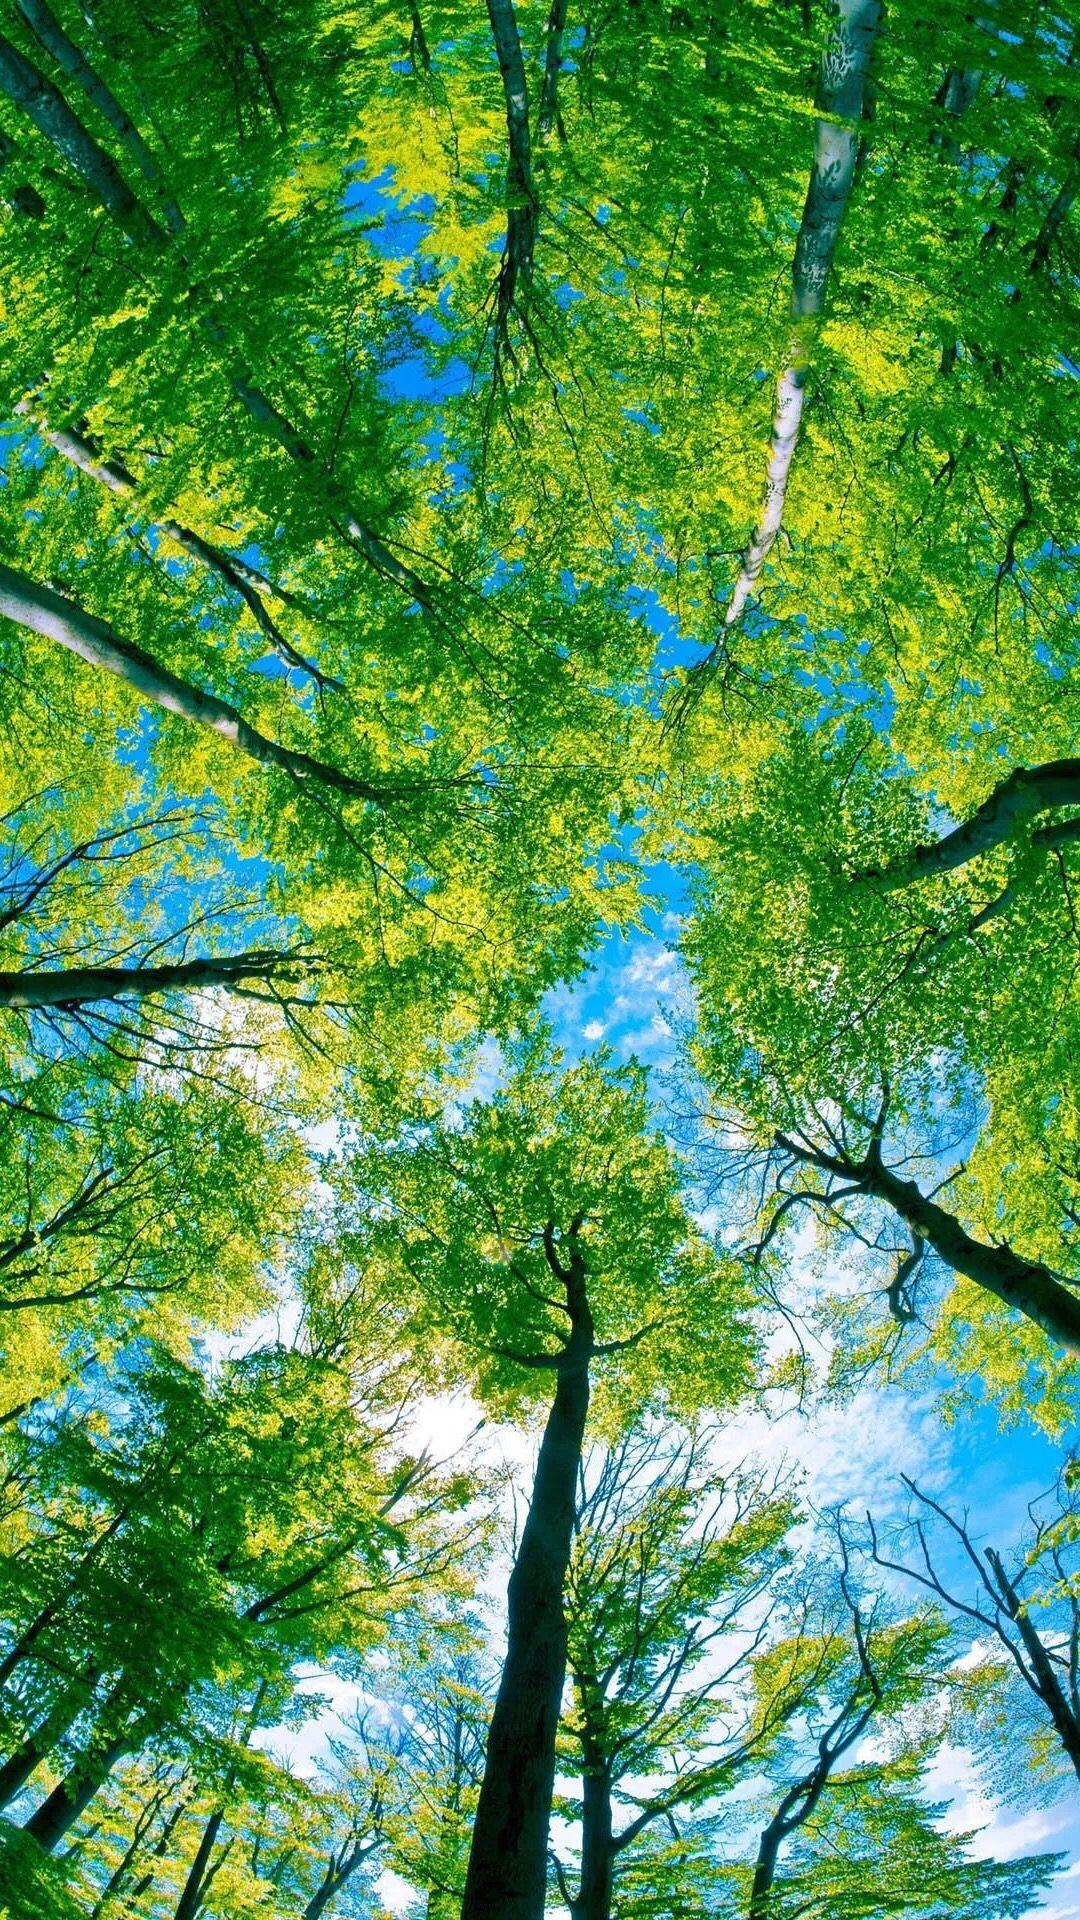 Pin Oleh Fia Di Nature Wallpaper Fotografi Alam Pemandangan Langit